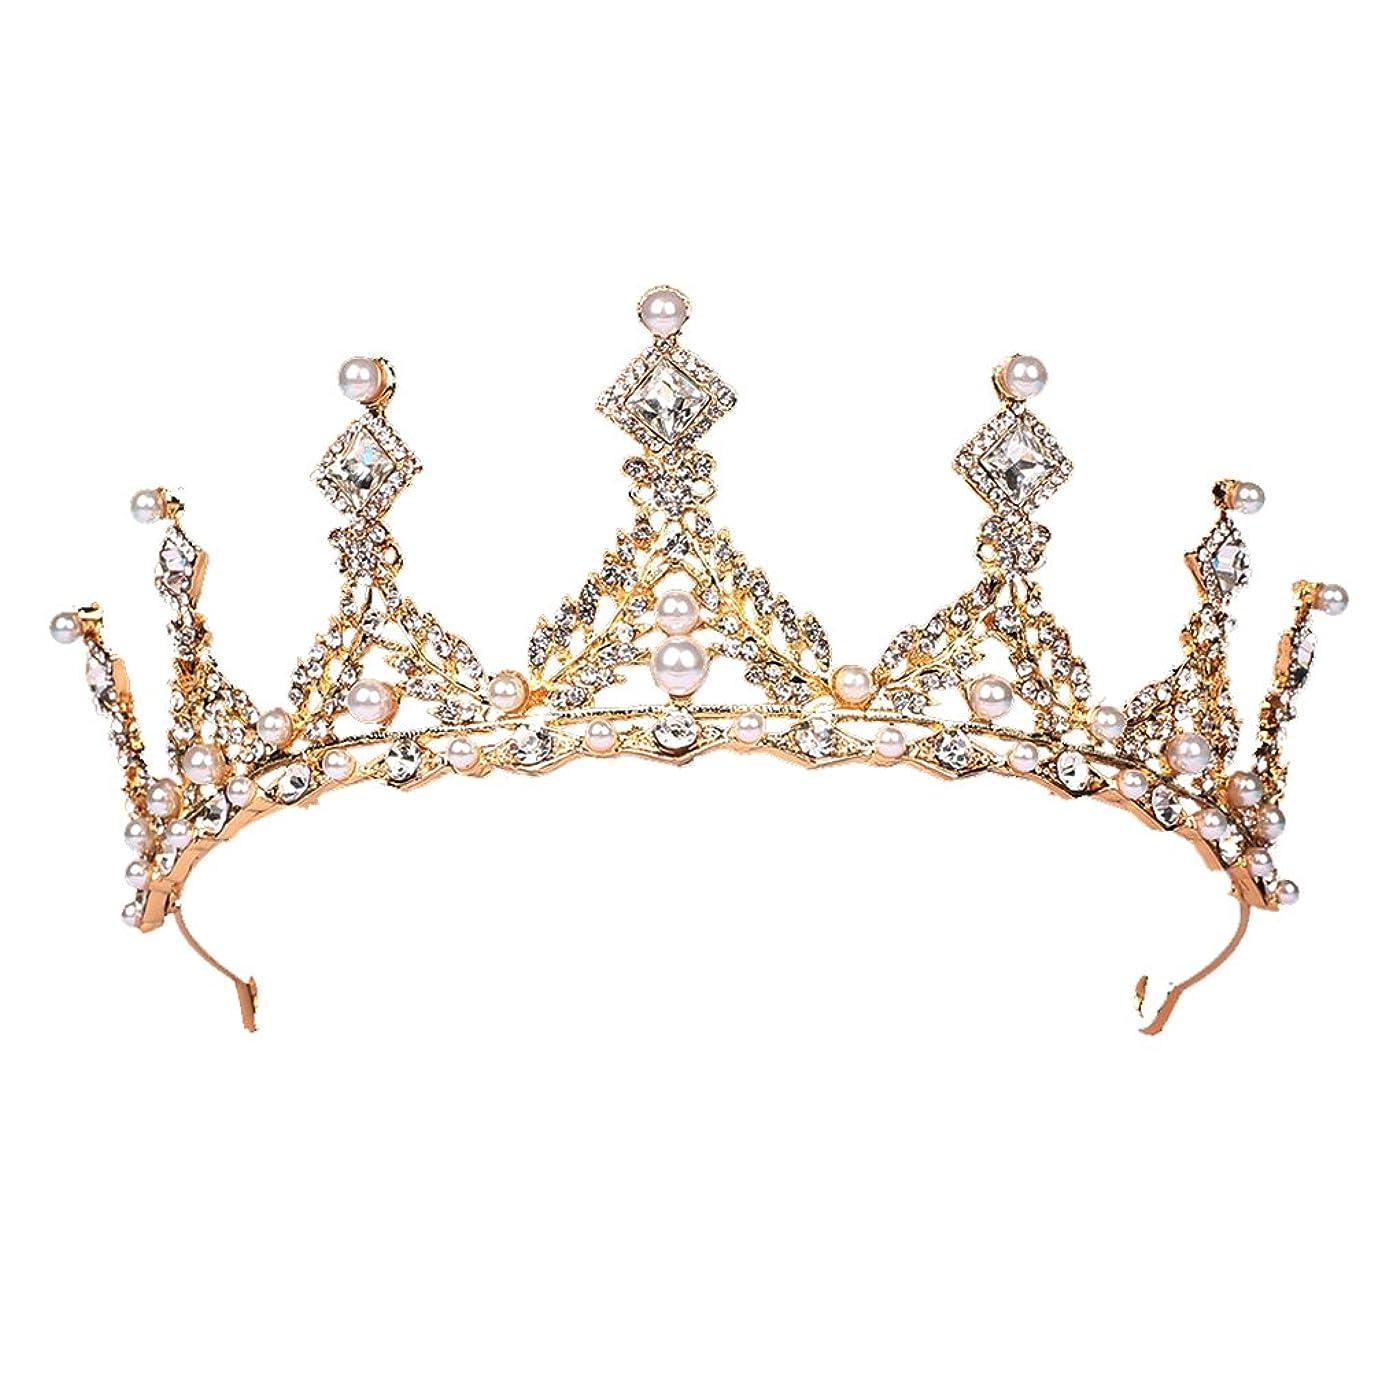 大胆なポンペイ暗くするFENICAL ブライダル ティアラ ヘアバンド 花嫁 結婚式 ウェディング 王冠 クラウン クリスタル 髪飾り ヘアアクセサリー(ゴールデン)